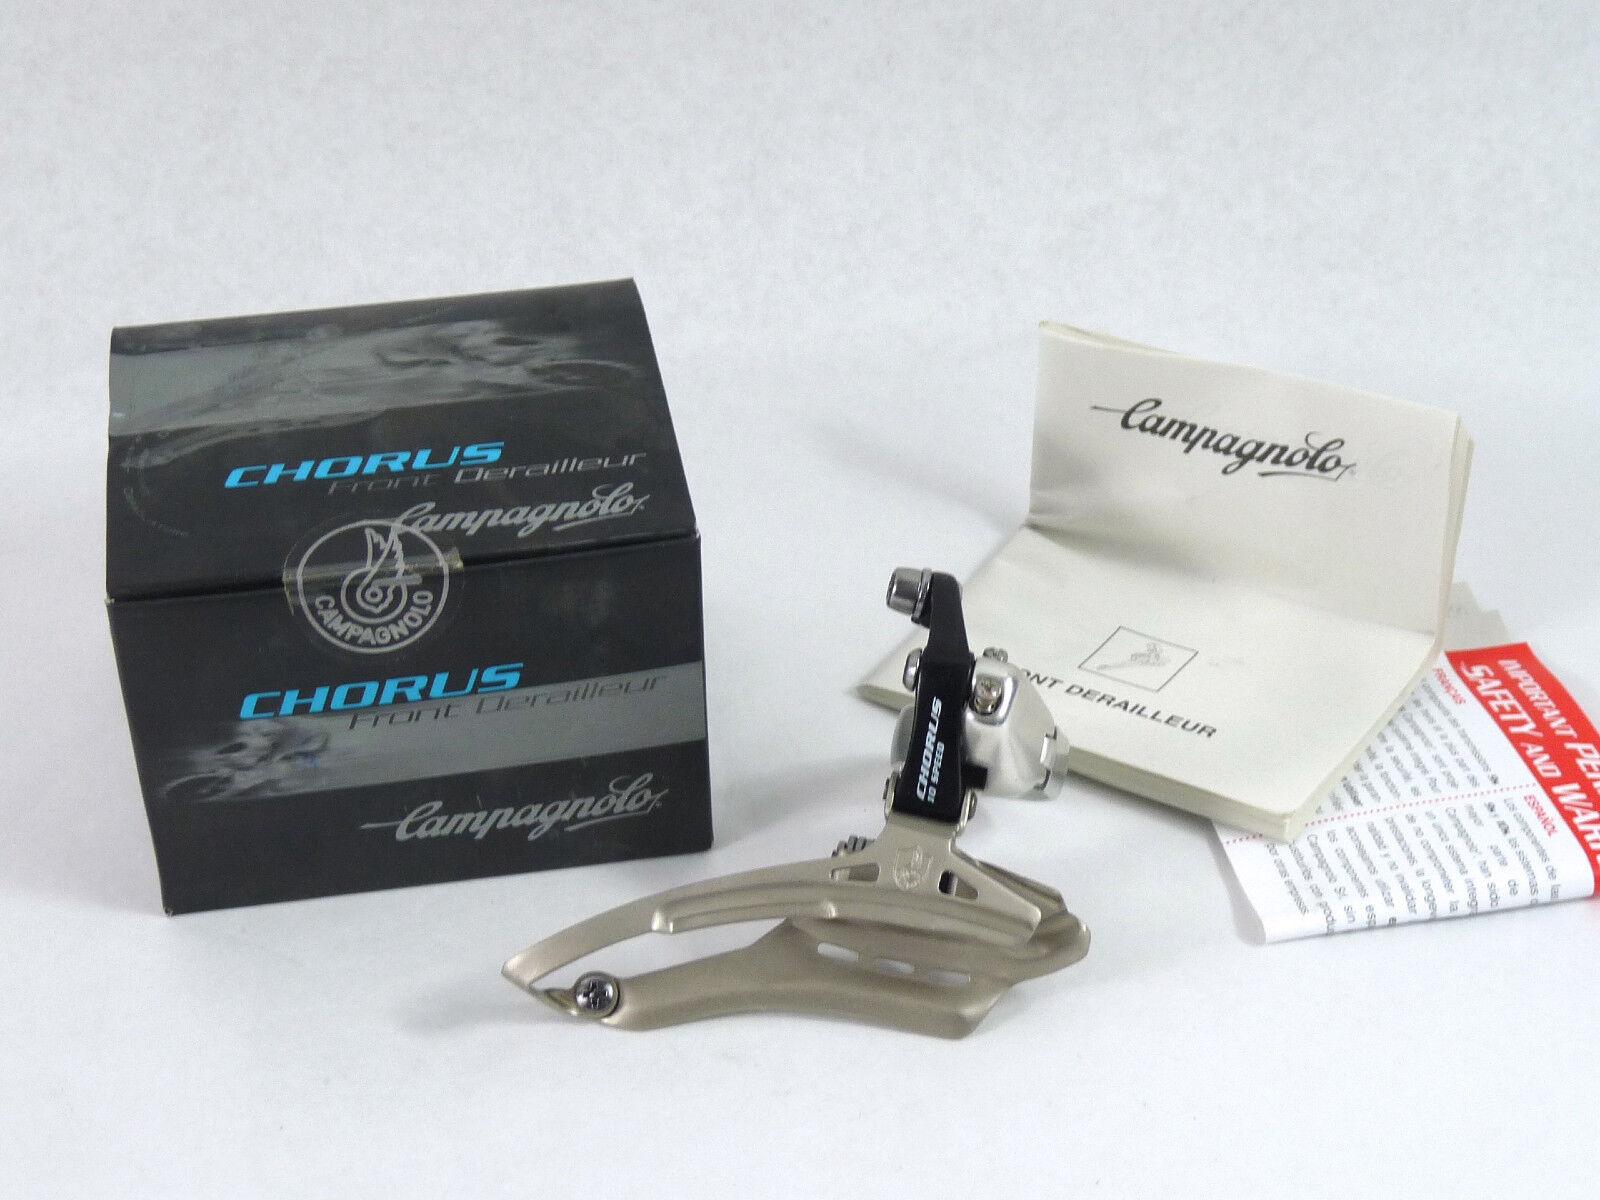 Campagnolo Chorus Triple Front Derailleur 32mm NOS Road Racing Bicycle FD4-CH3C2